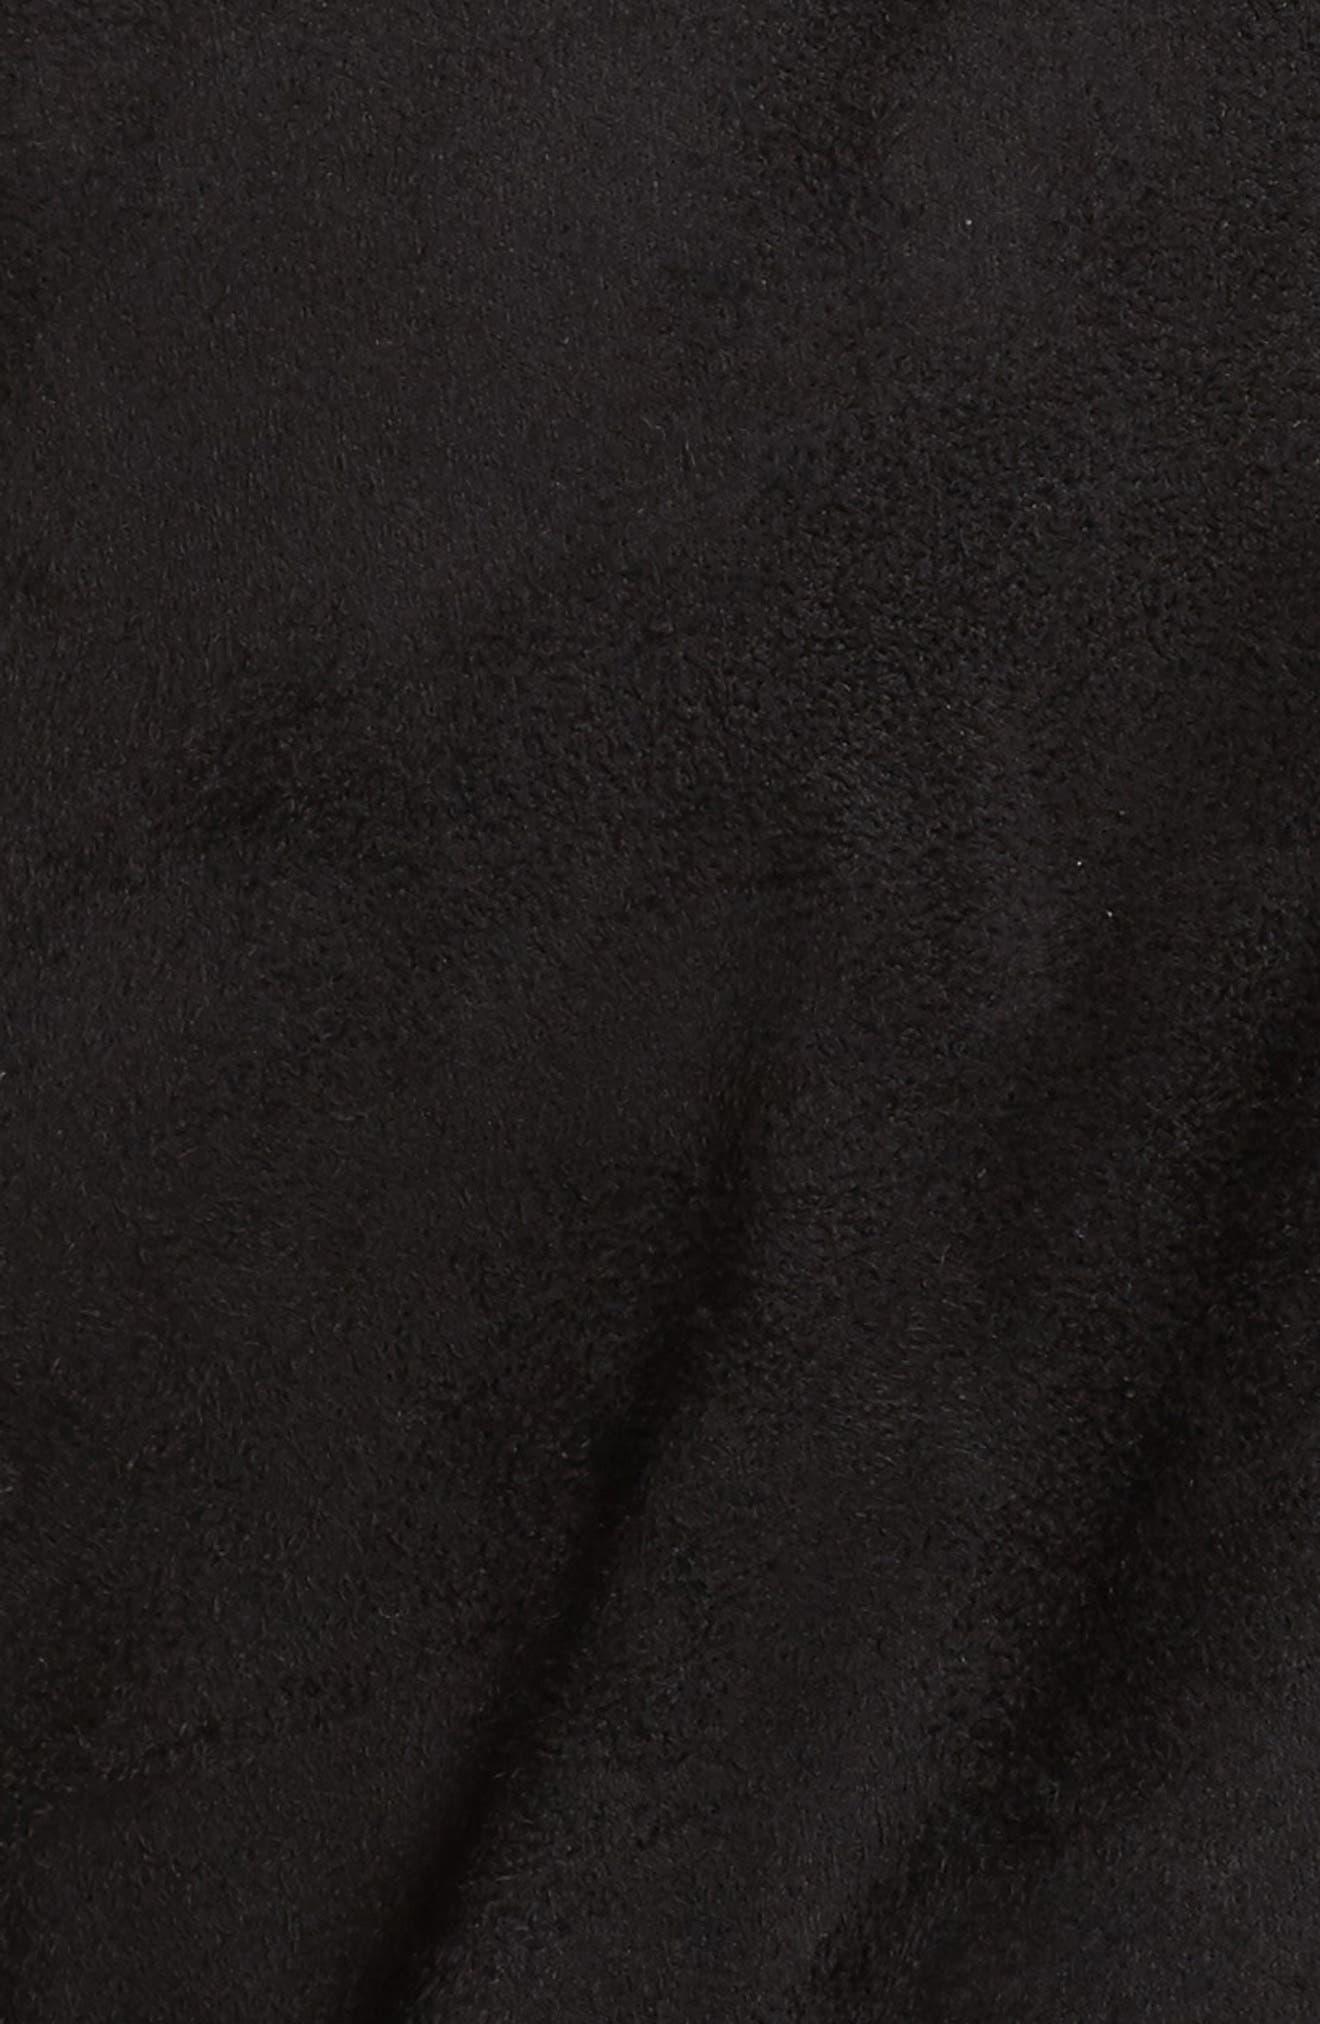 LA Winter Faux Fur Lined Jacket,                             Alternate thumbnail 6, color,                             Black